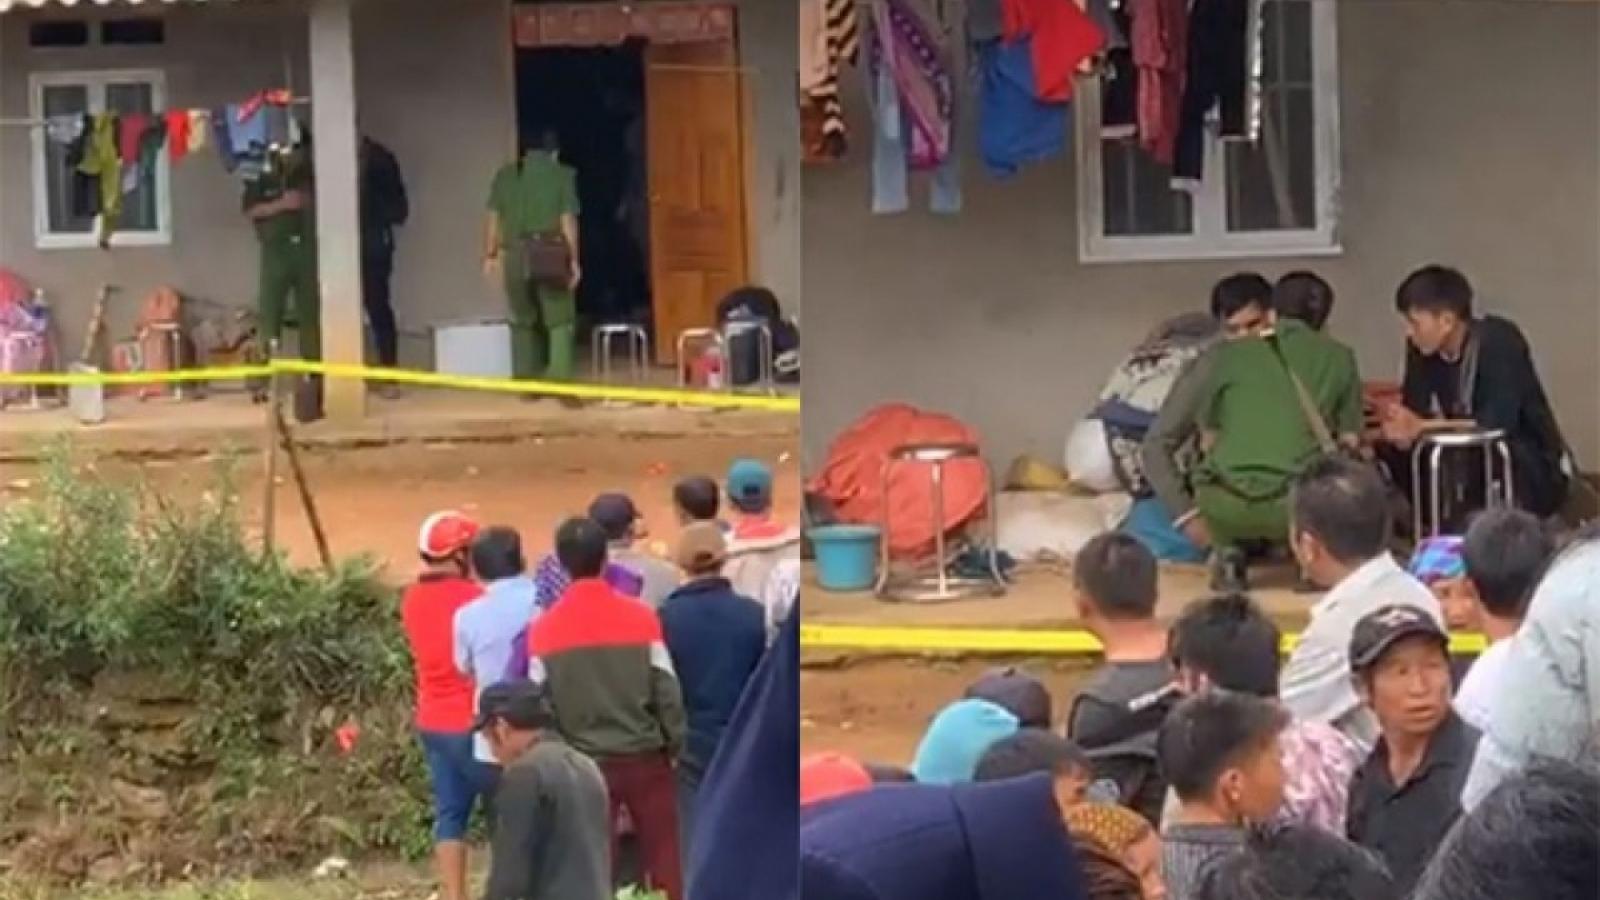 Nóng 24h: Người phụ nữ nghi bị sát hại ở Lào Cai có hoàn cảnh éo le